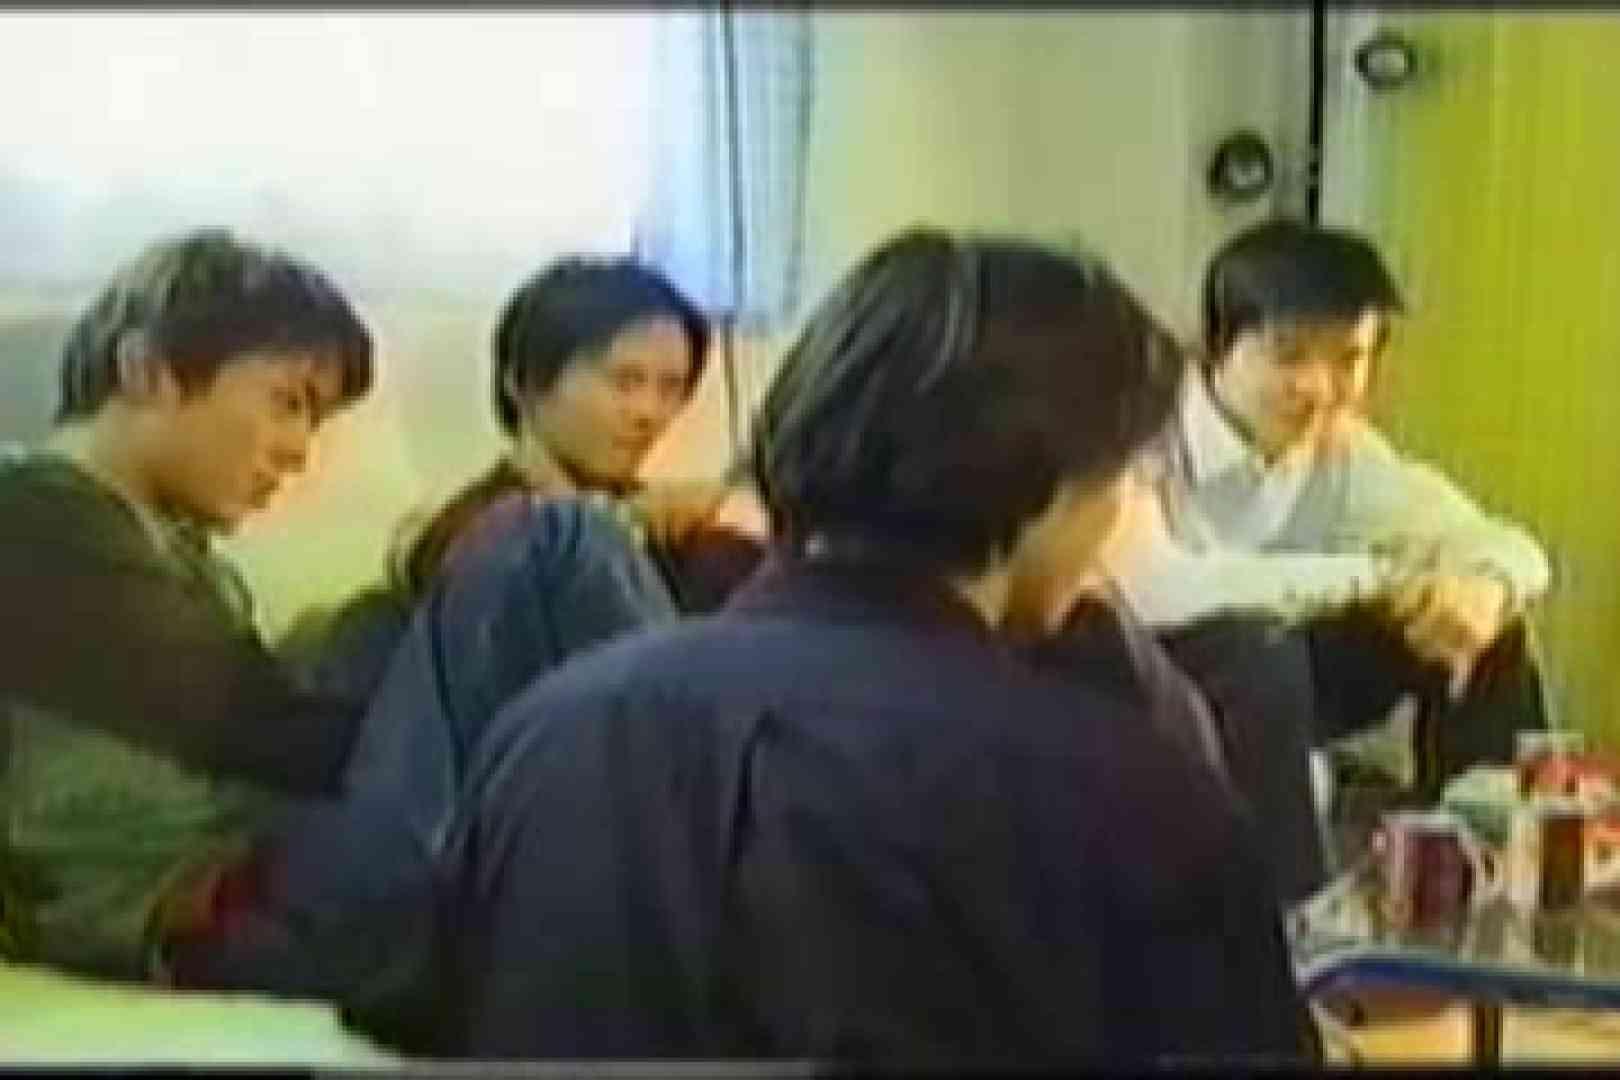 【流出】若者たちの集い 企画 ゲイ射精シーン 86画像 38